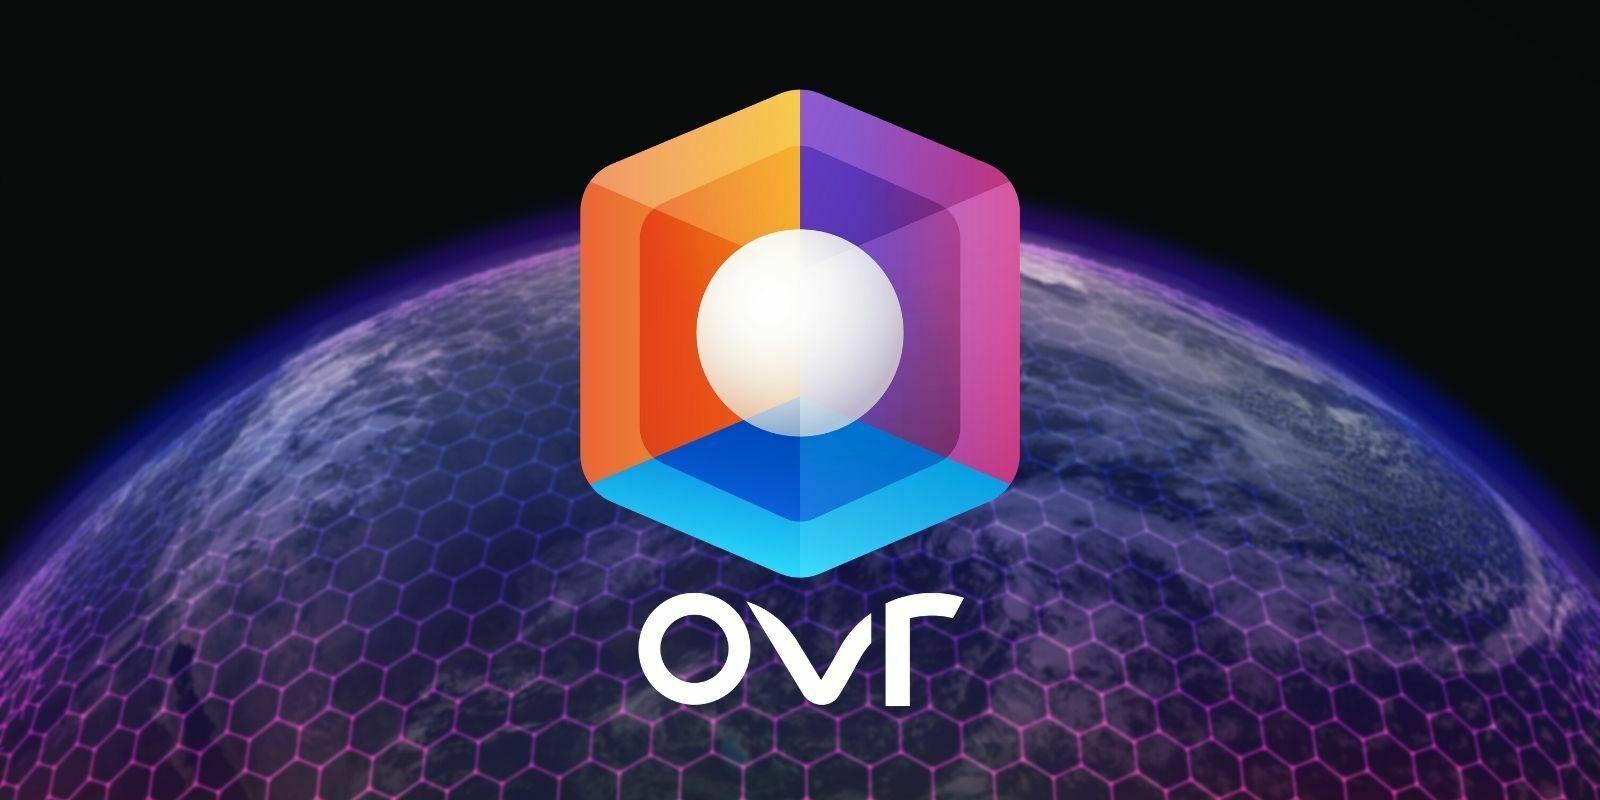 Devenez propriétaire d'un terrain virtuel avec OVR, un écosystème associant la réalité augmentée à la blockchain